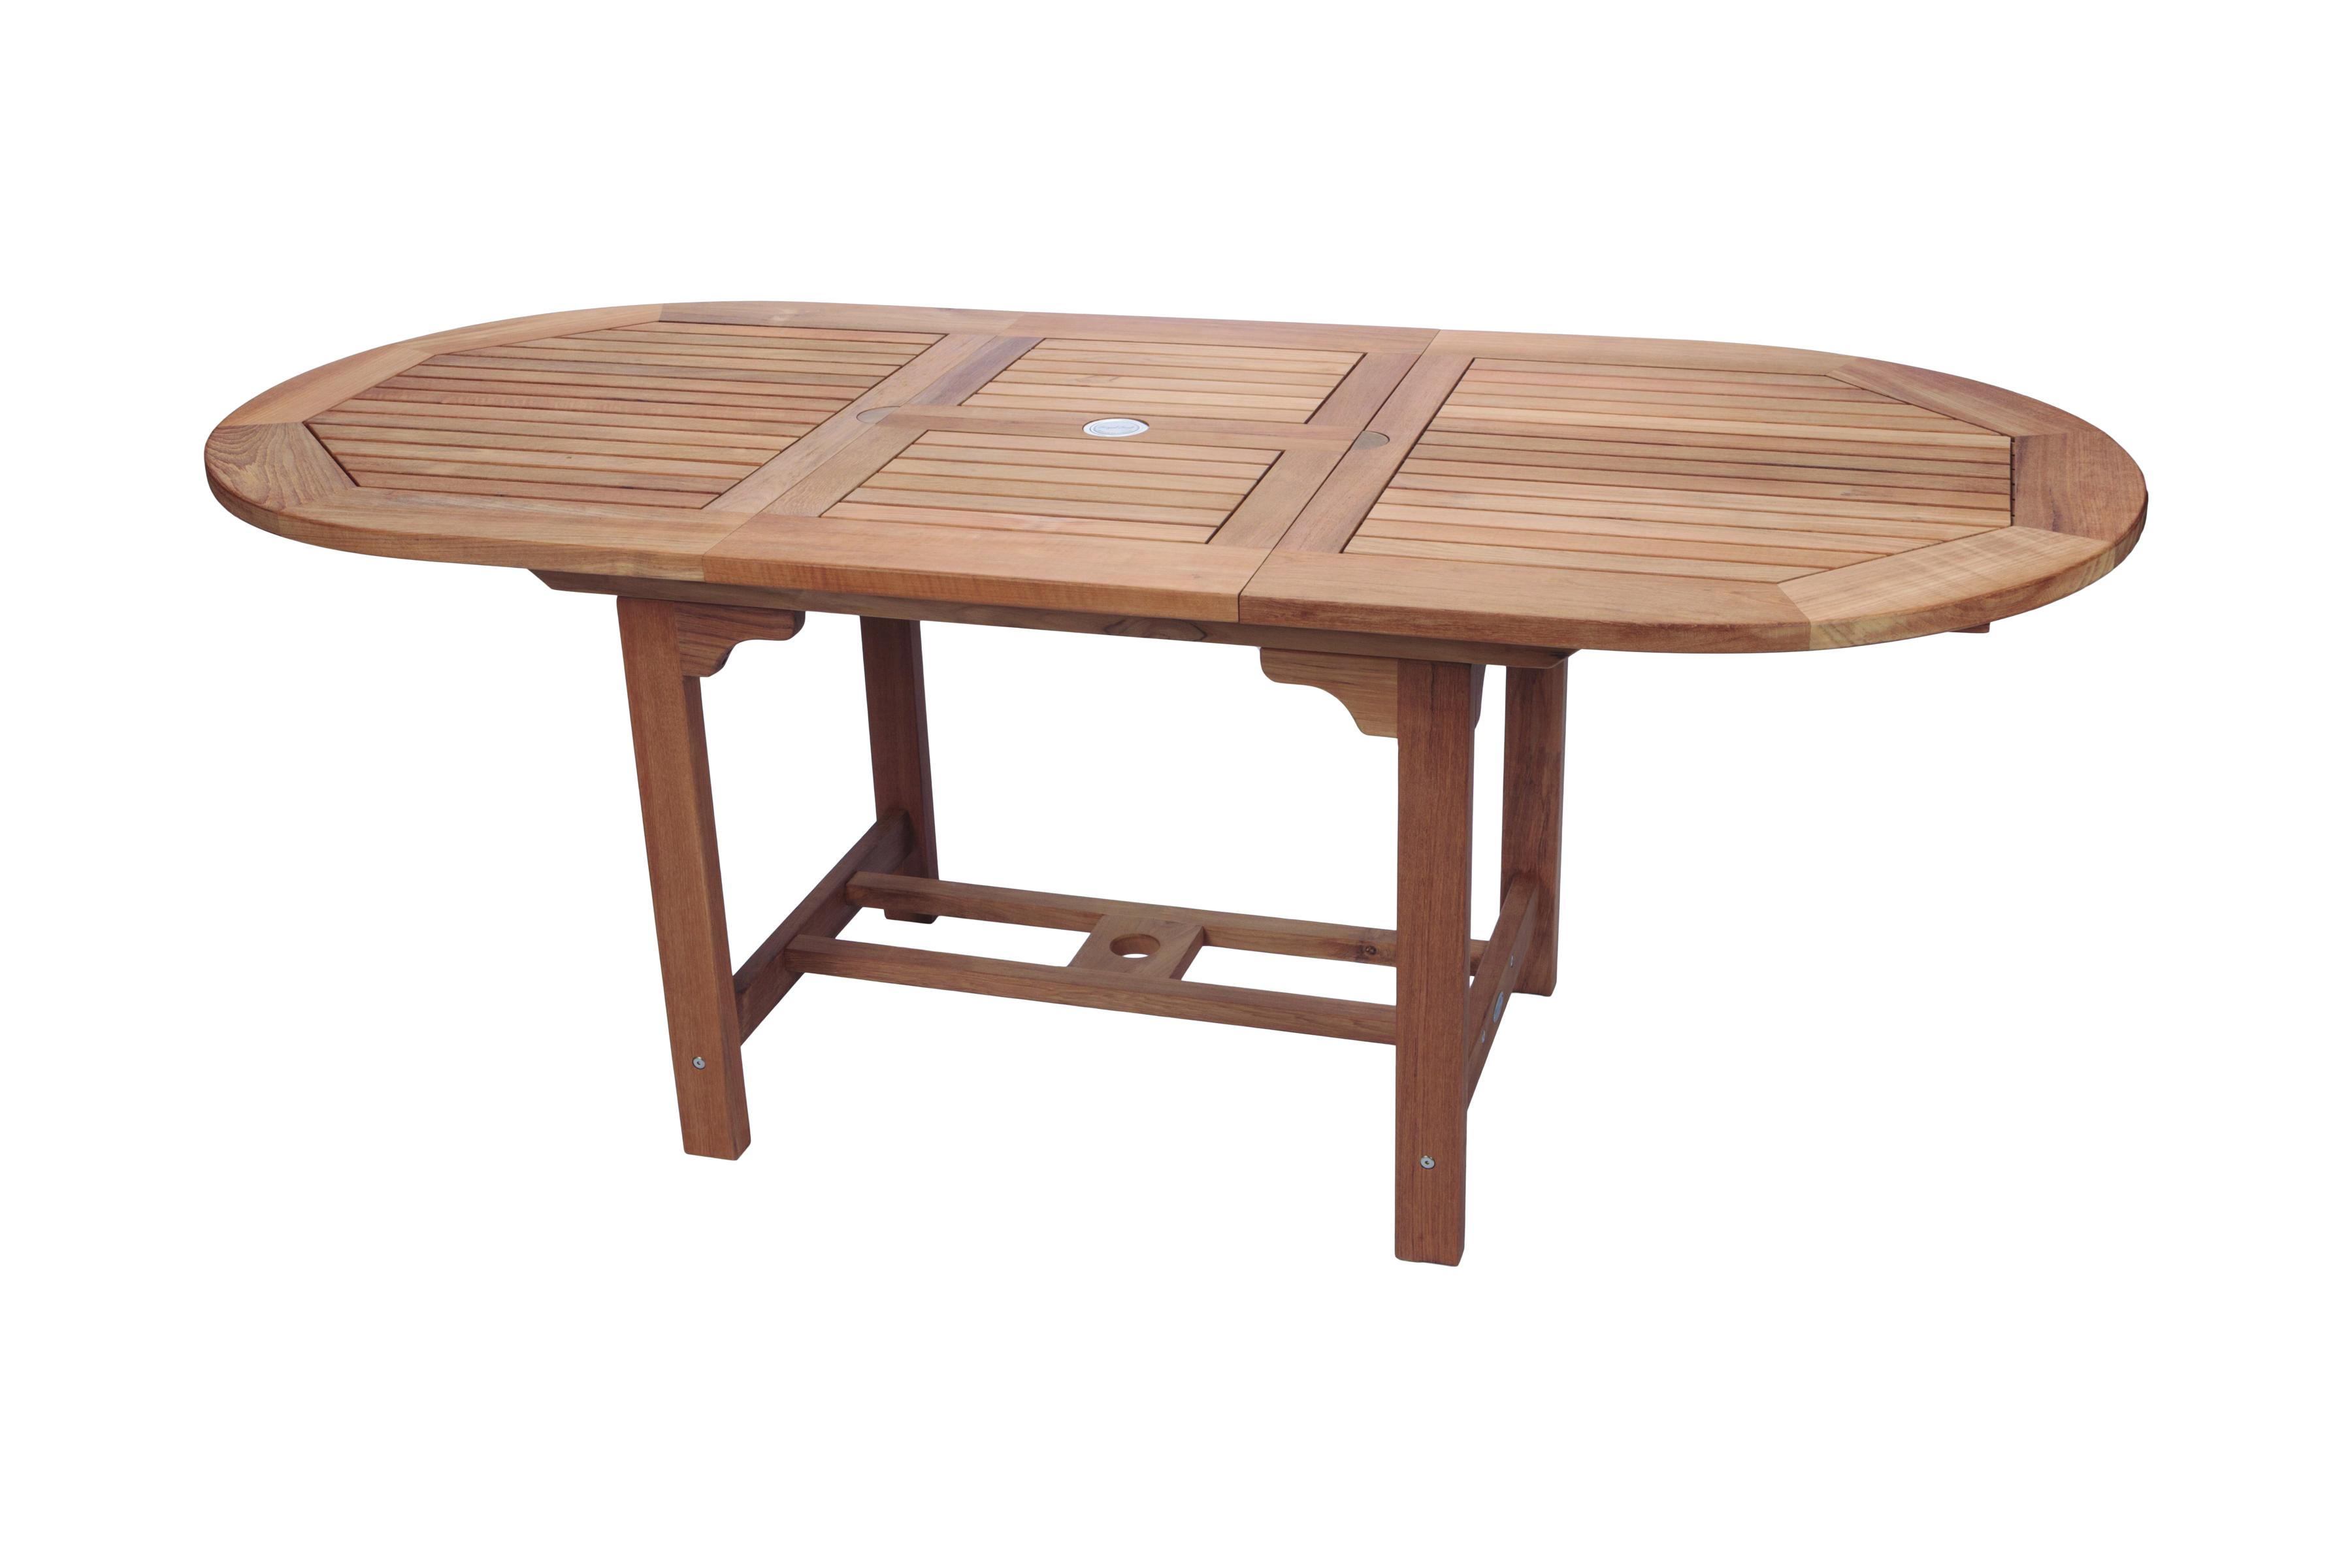 Foot Oval Teak Extension Table Royal Teak Collection - Teak extension table outdoor